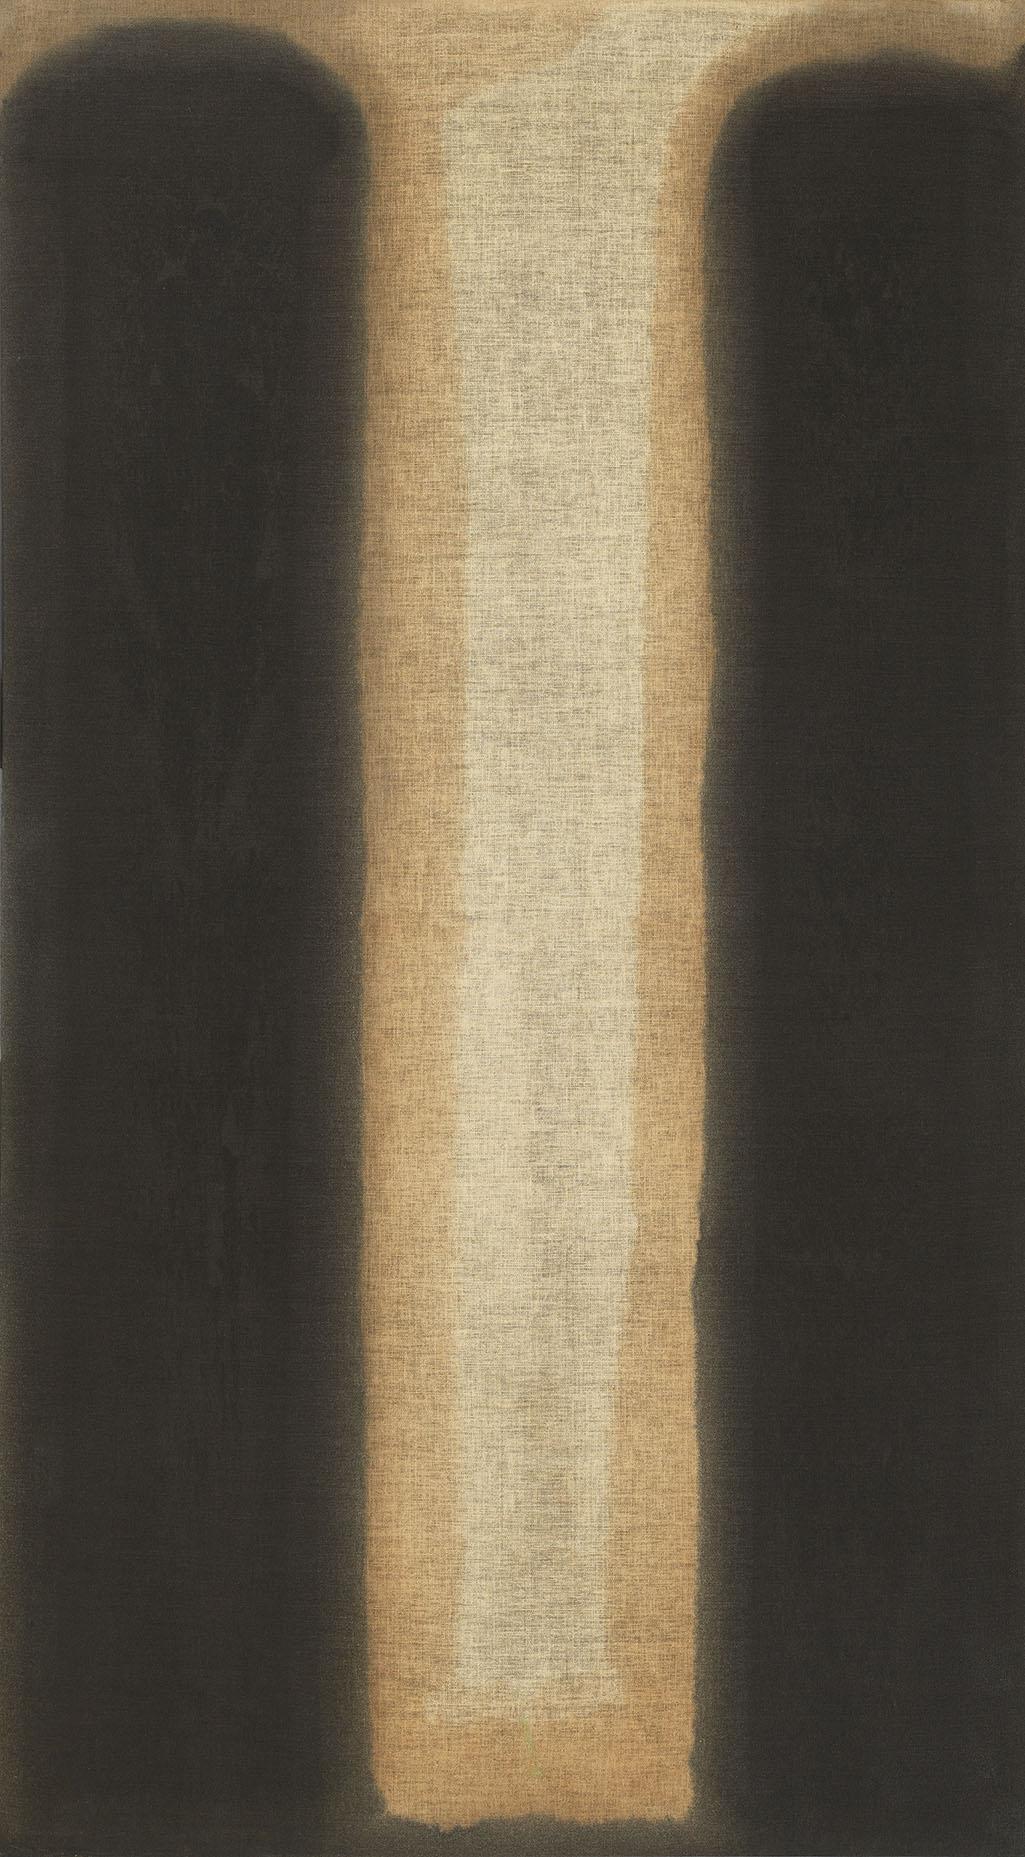 YUN HYONG-KEUN (Korean, 1928-2